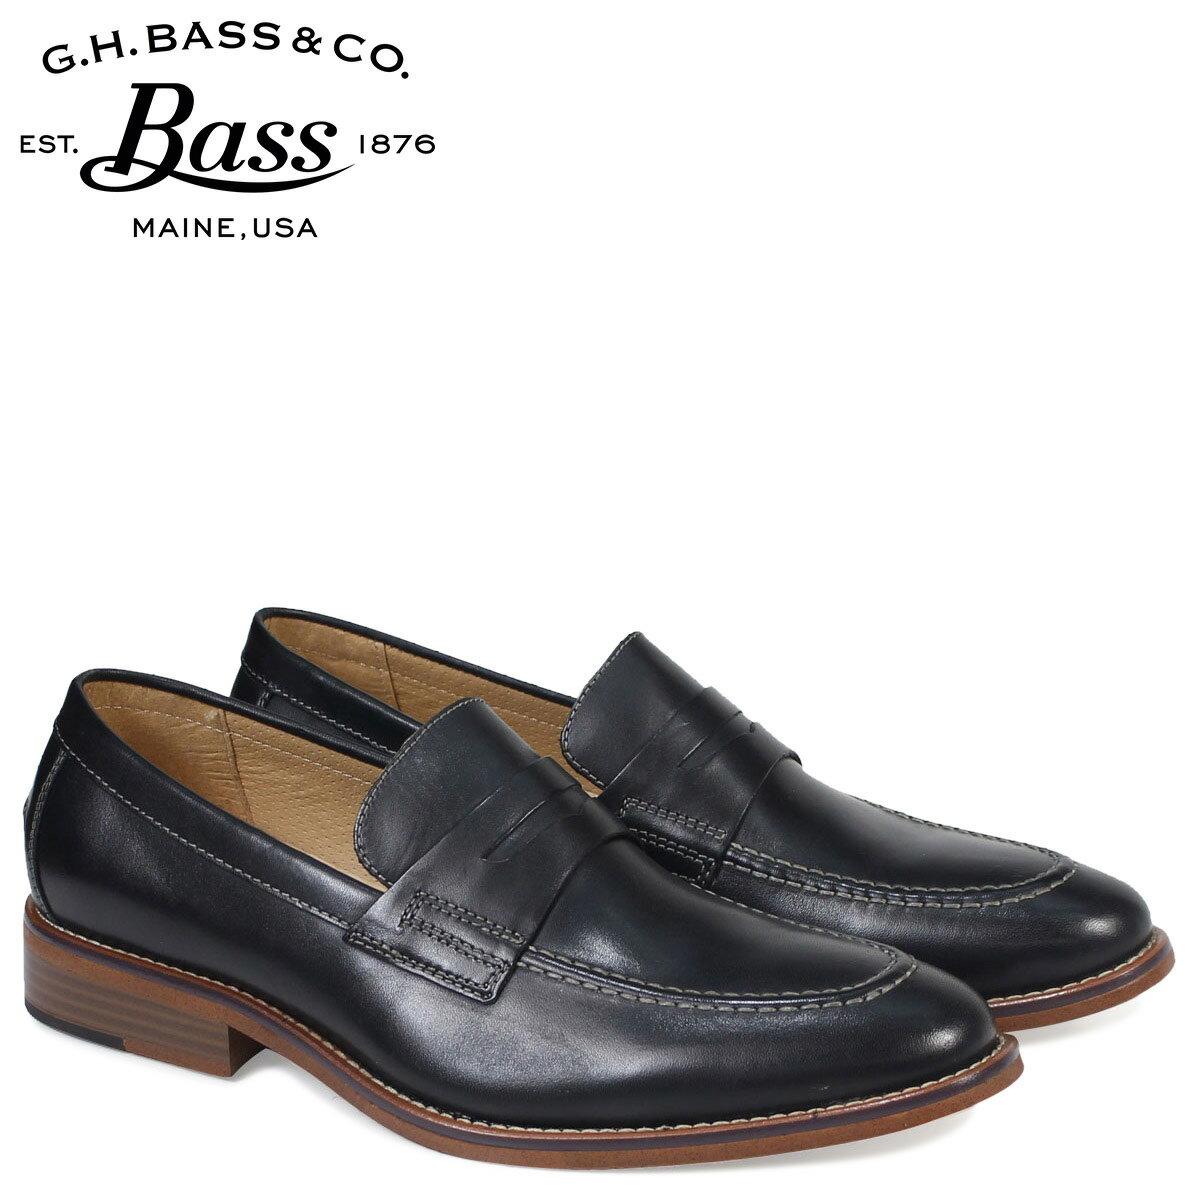 G.H. BASS ローファー ジーエイチバス メンズ CONNER PENNY LOAFER 70-10114 靴 ブラック